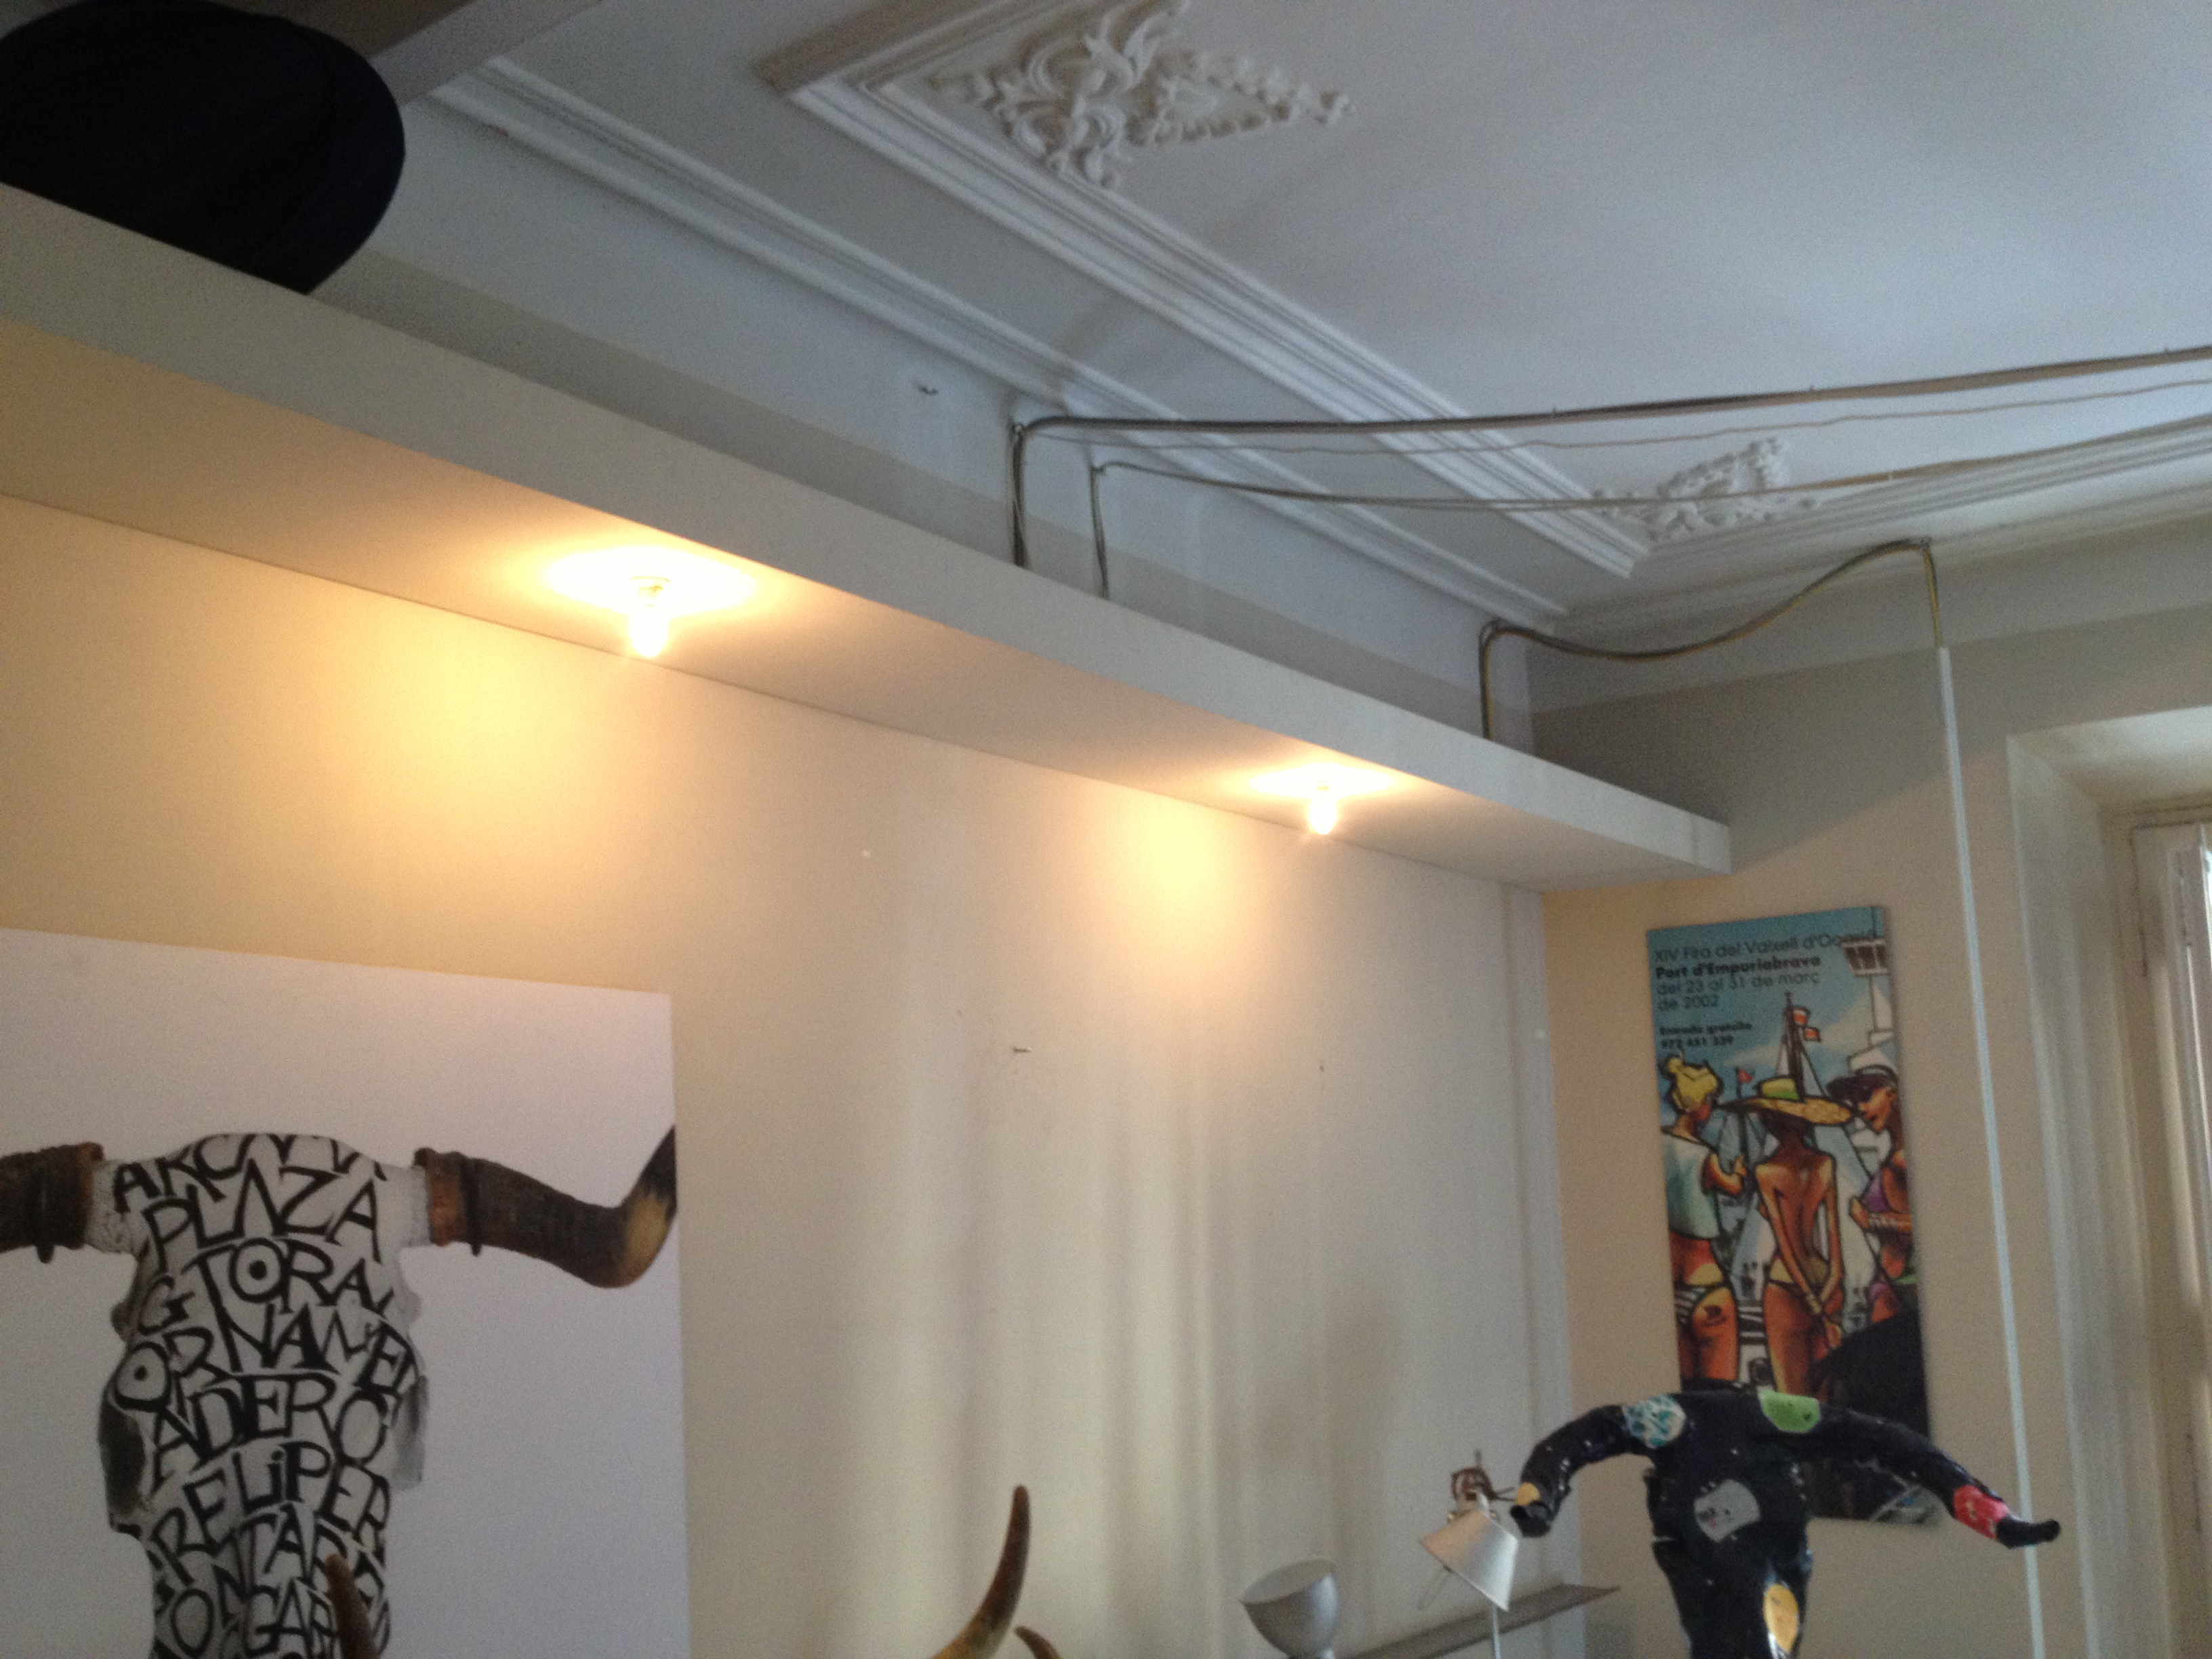 La re reforma de cris y alvaro el blog de mis mas - Instalacion electrica vista ...